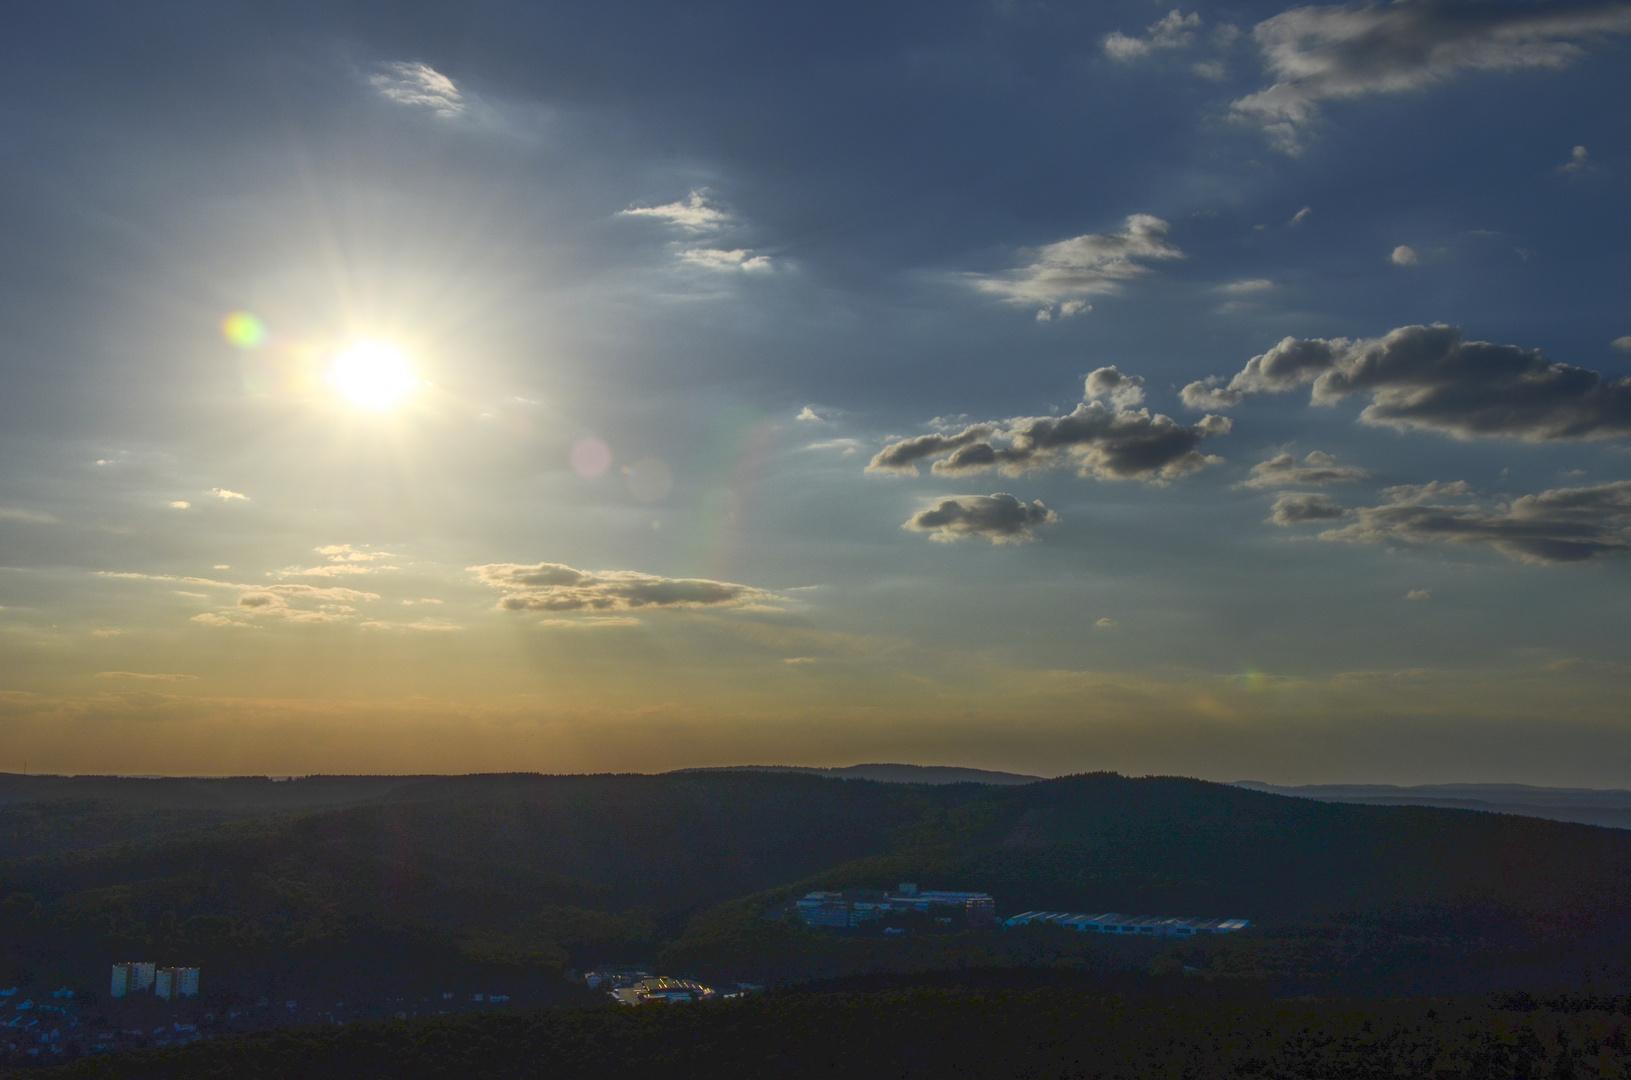 Sonnenuntergang aus einem Fesselballon heraus fotografiert